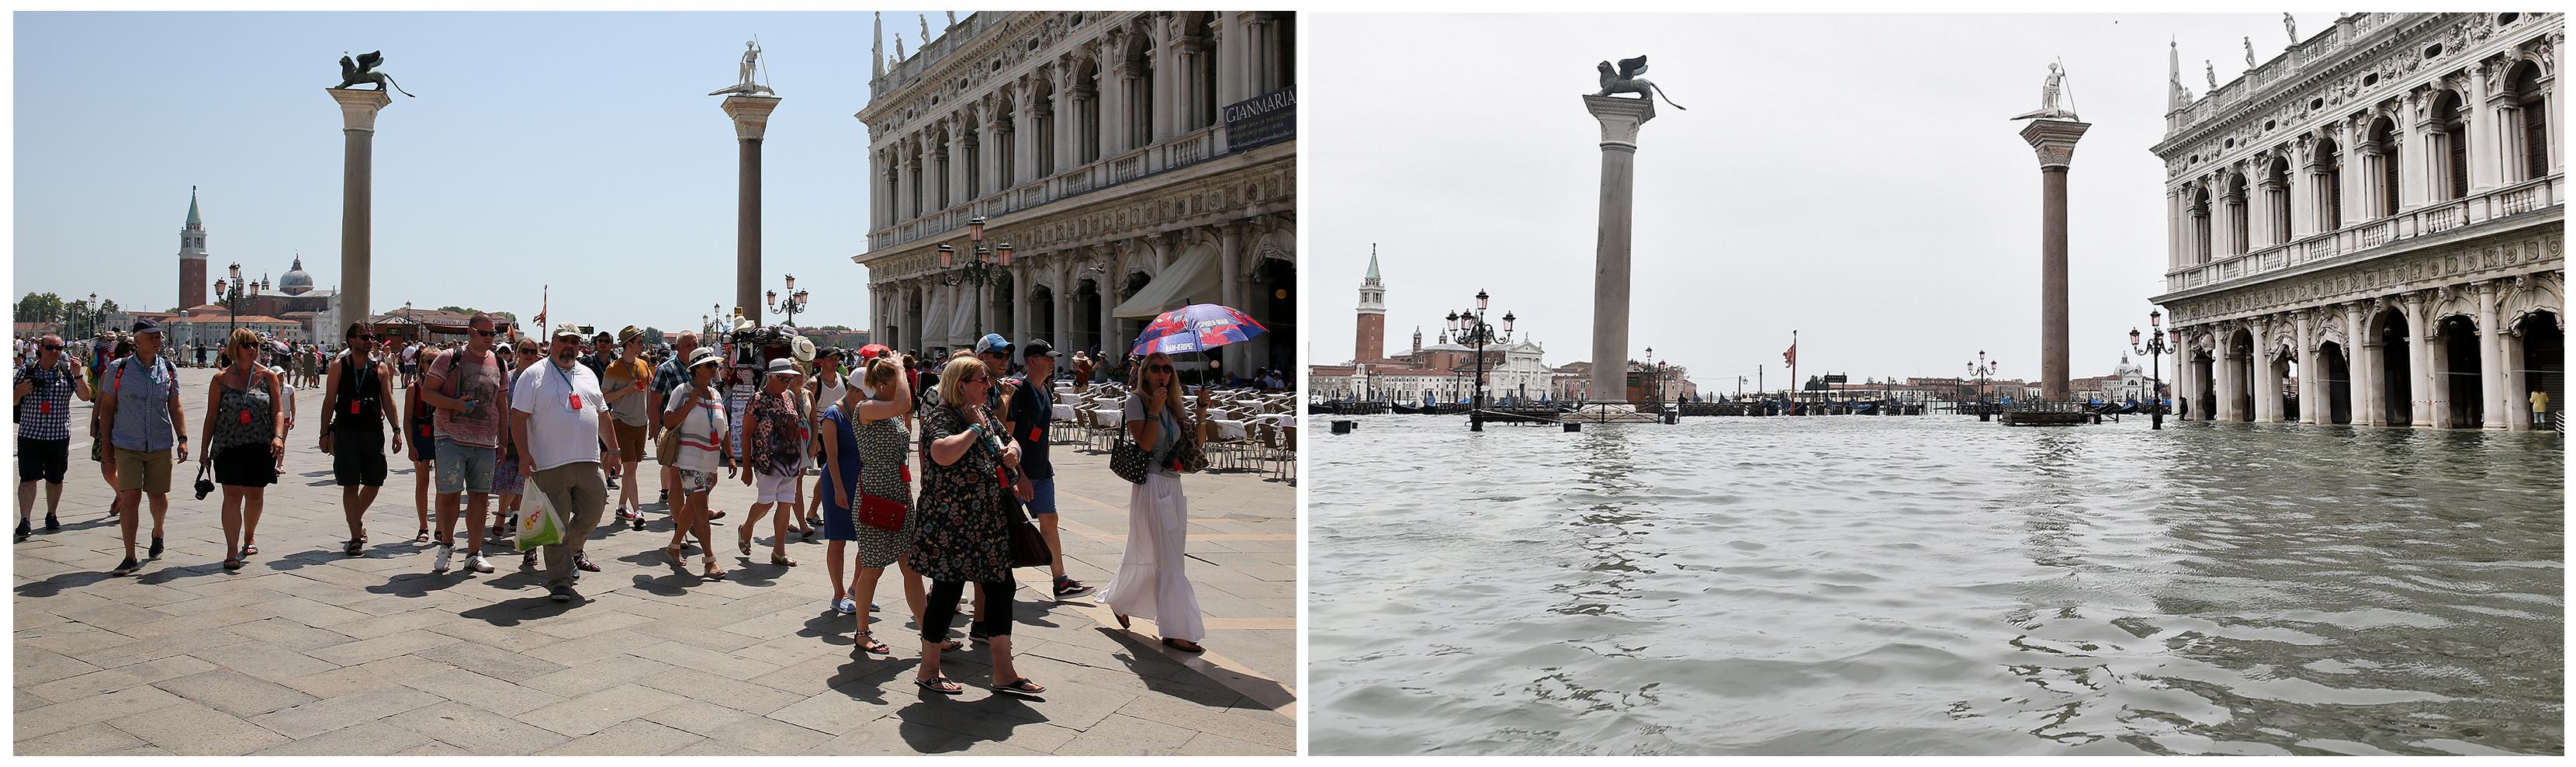 La Plaza San Marcos fue cerrada al público este viernes debido a la peor marea alta de los últimos 50 años en Venecia (REUTERS/Stefano Rellandini, Flavio Lo Scalzo)